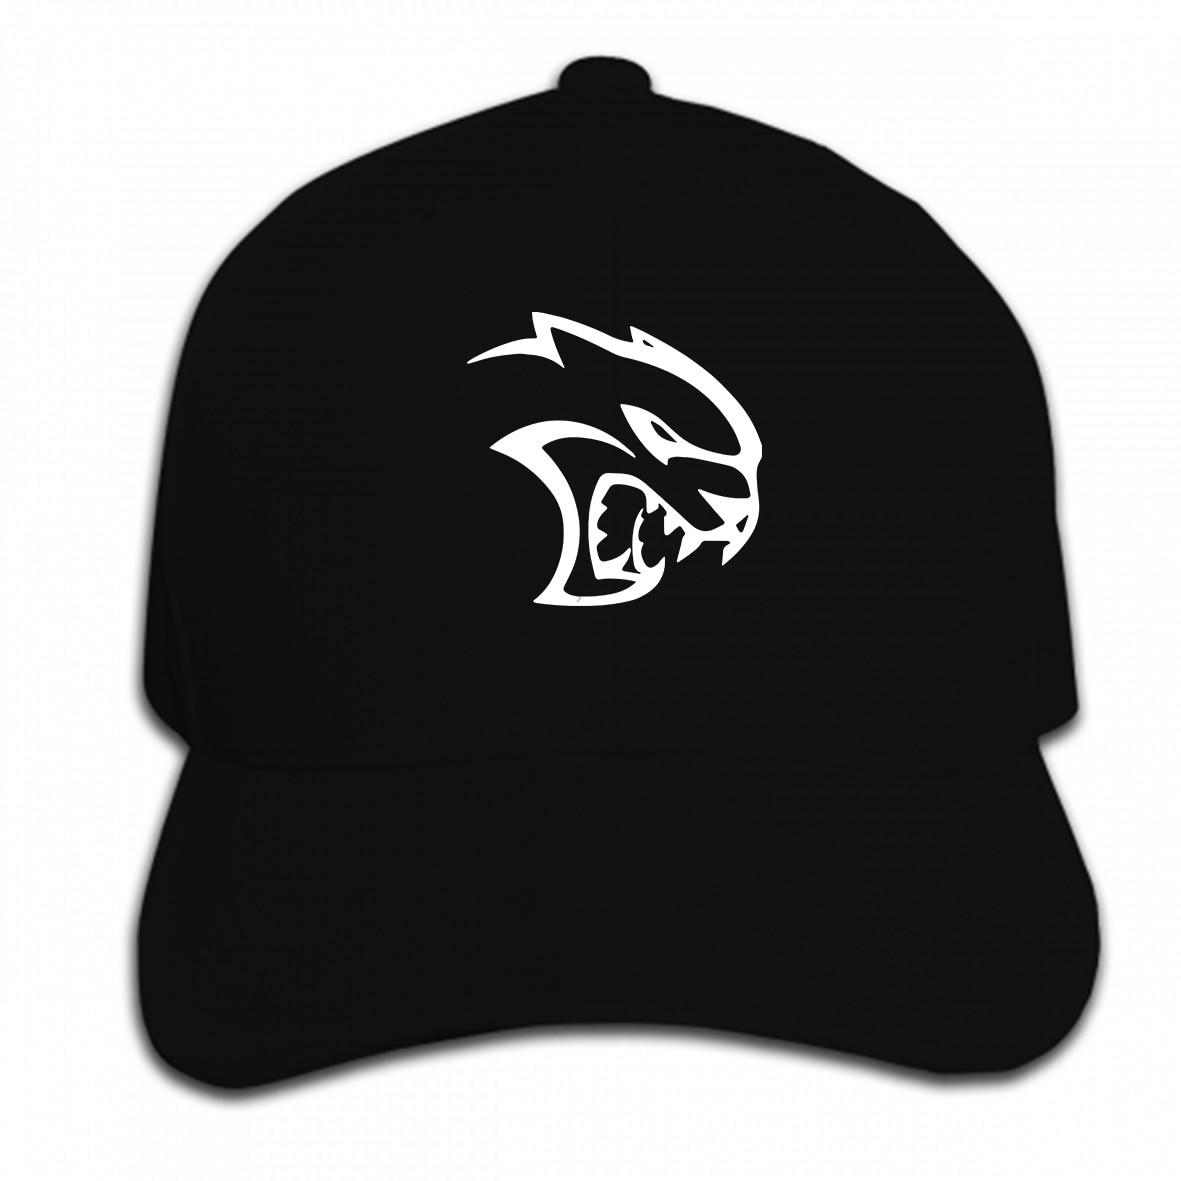 Print Custom Baseball Cap DODGE HELLCAT SRT RACING 1 Hat Peaked Cap